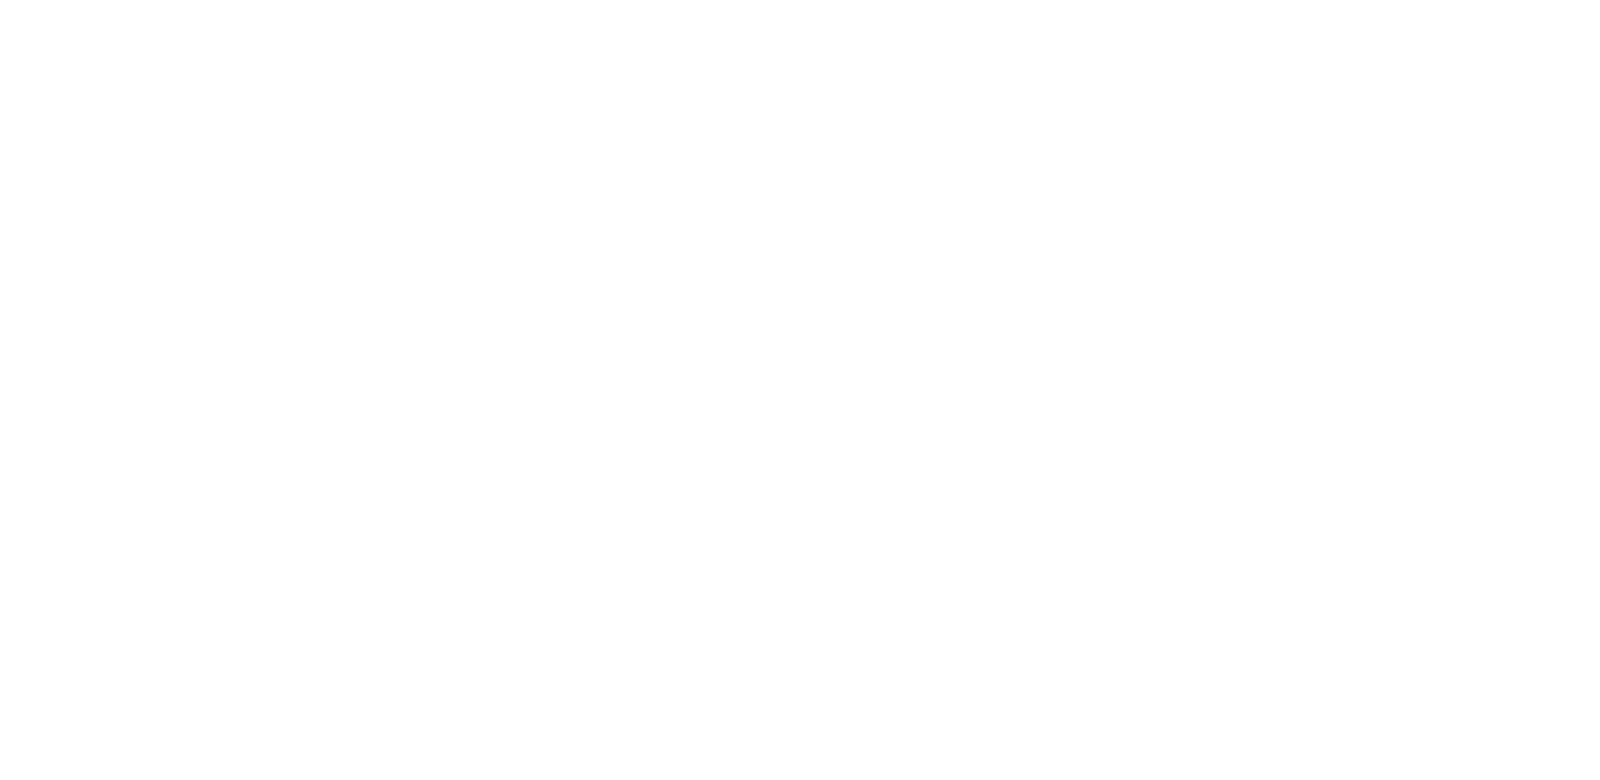 開啟移動版 介紹外約按摩頁面的 icon